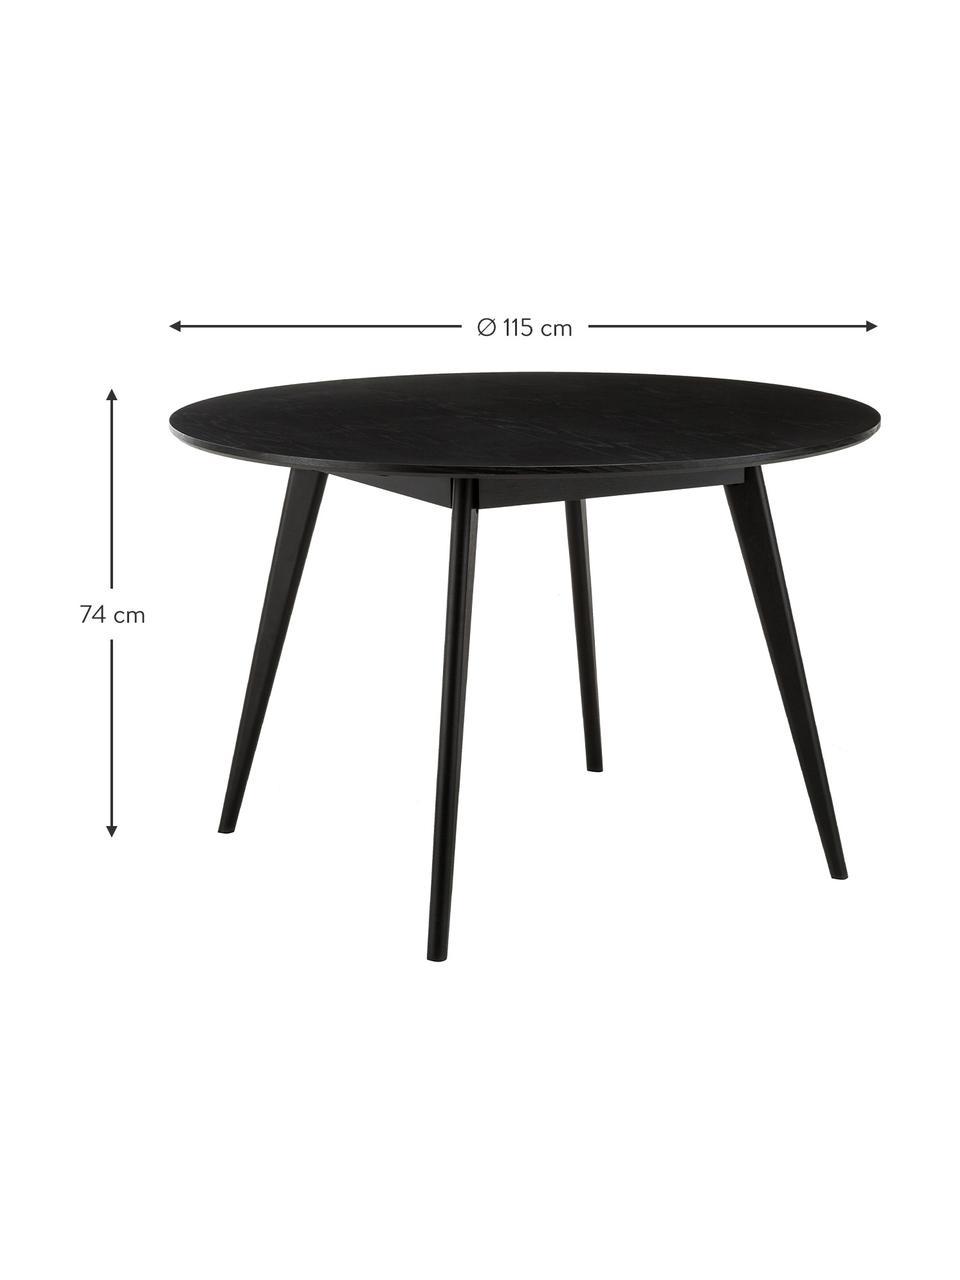 Kulatý jídelní stůl Yumi, Ø 115 cm, Černá